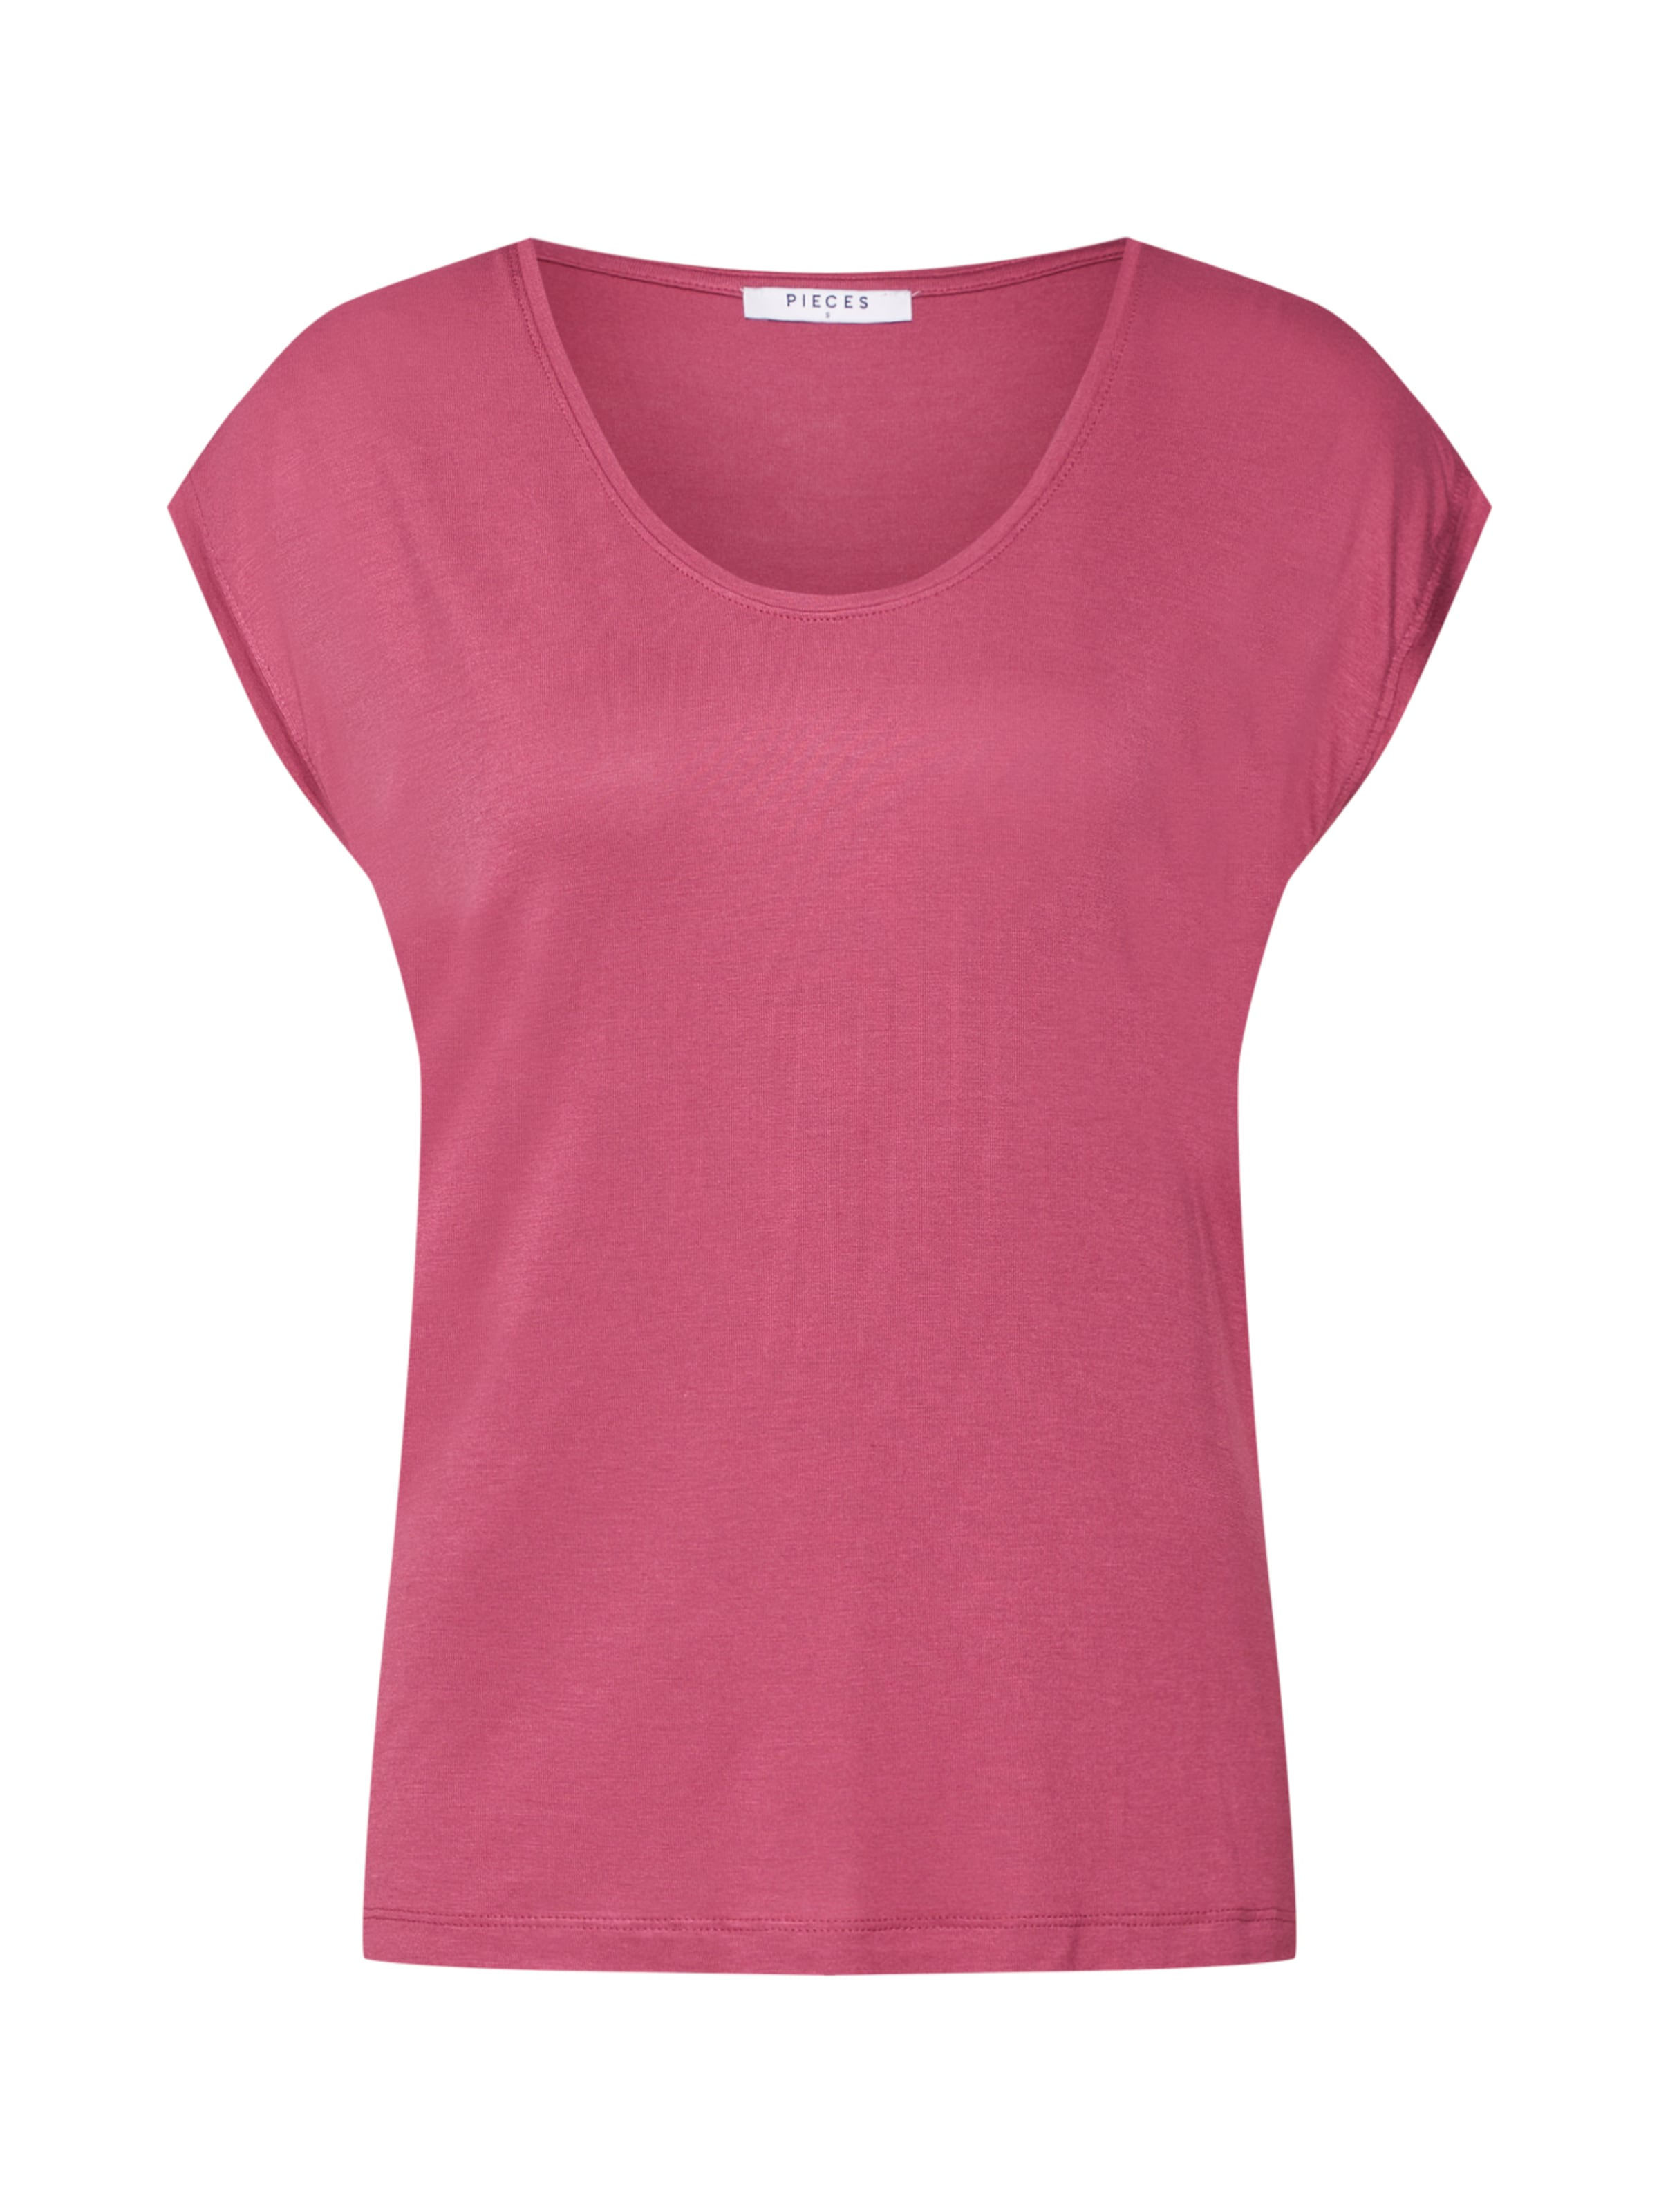 'billo' En Pieces T shirt Pitaya qMjUVpLzGS